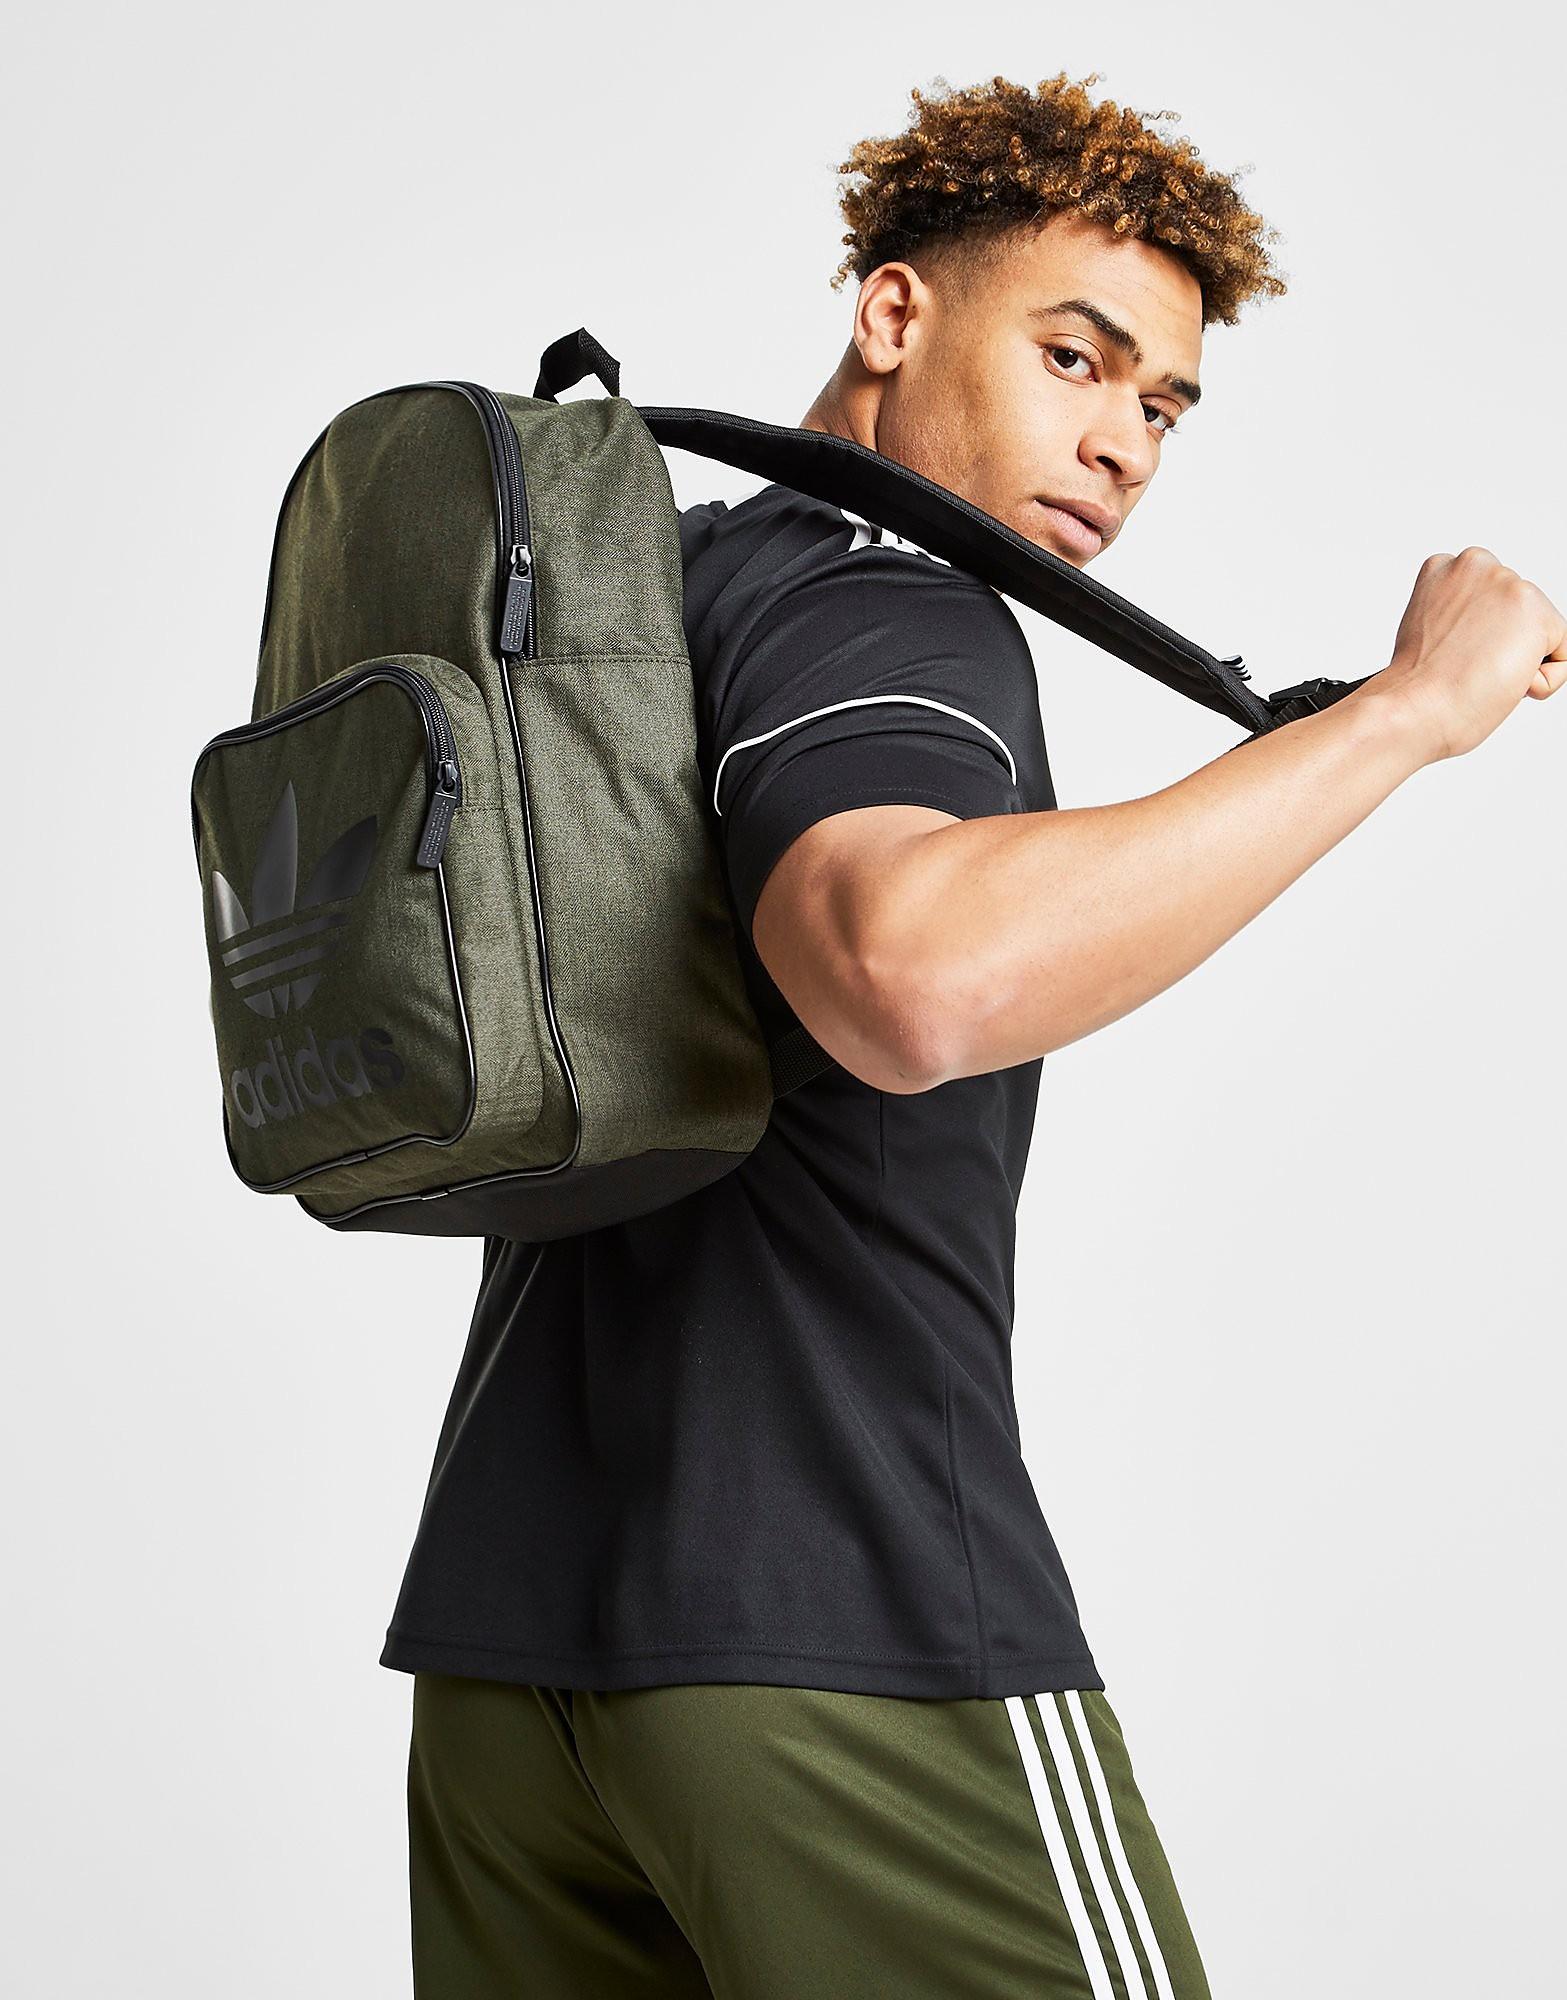 Adidas rugzak zwart, groen en khaki